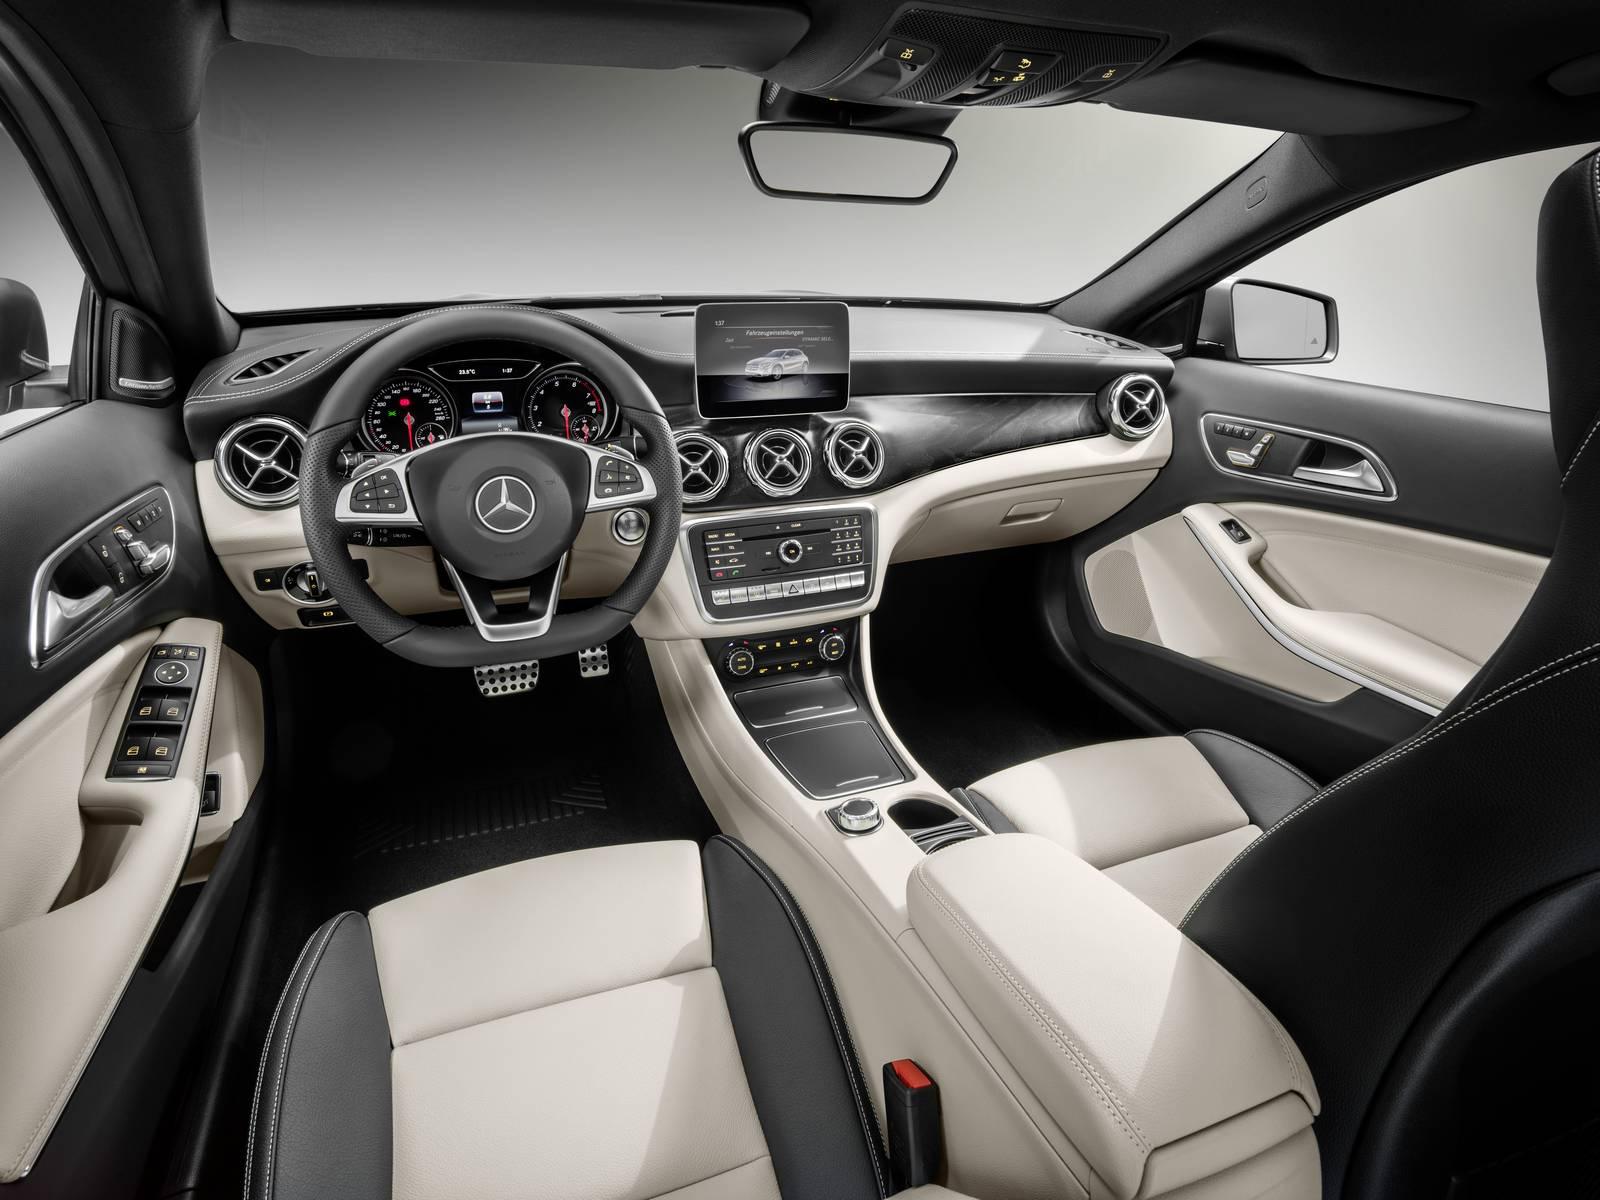 http://gtspirit.com/wp-content/uploads/2017/01/2017-Mercedes-Benz-GLA-20.jpg